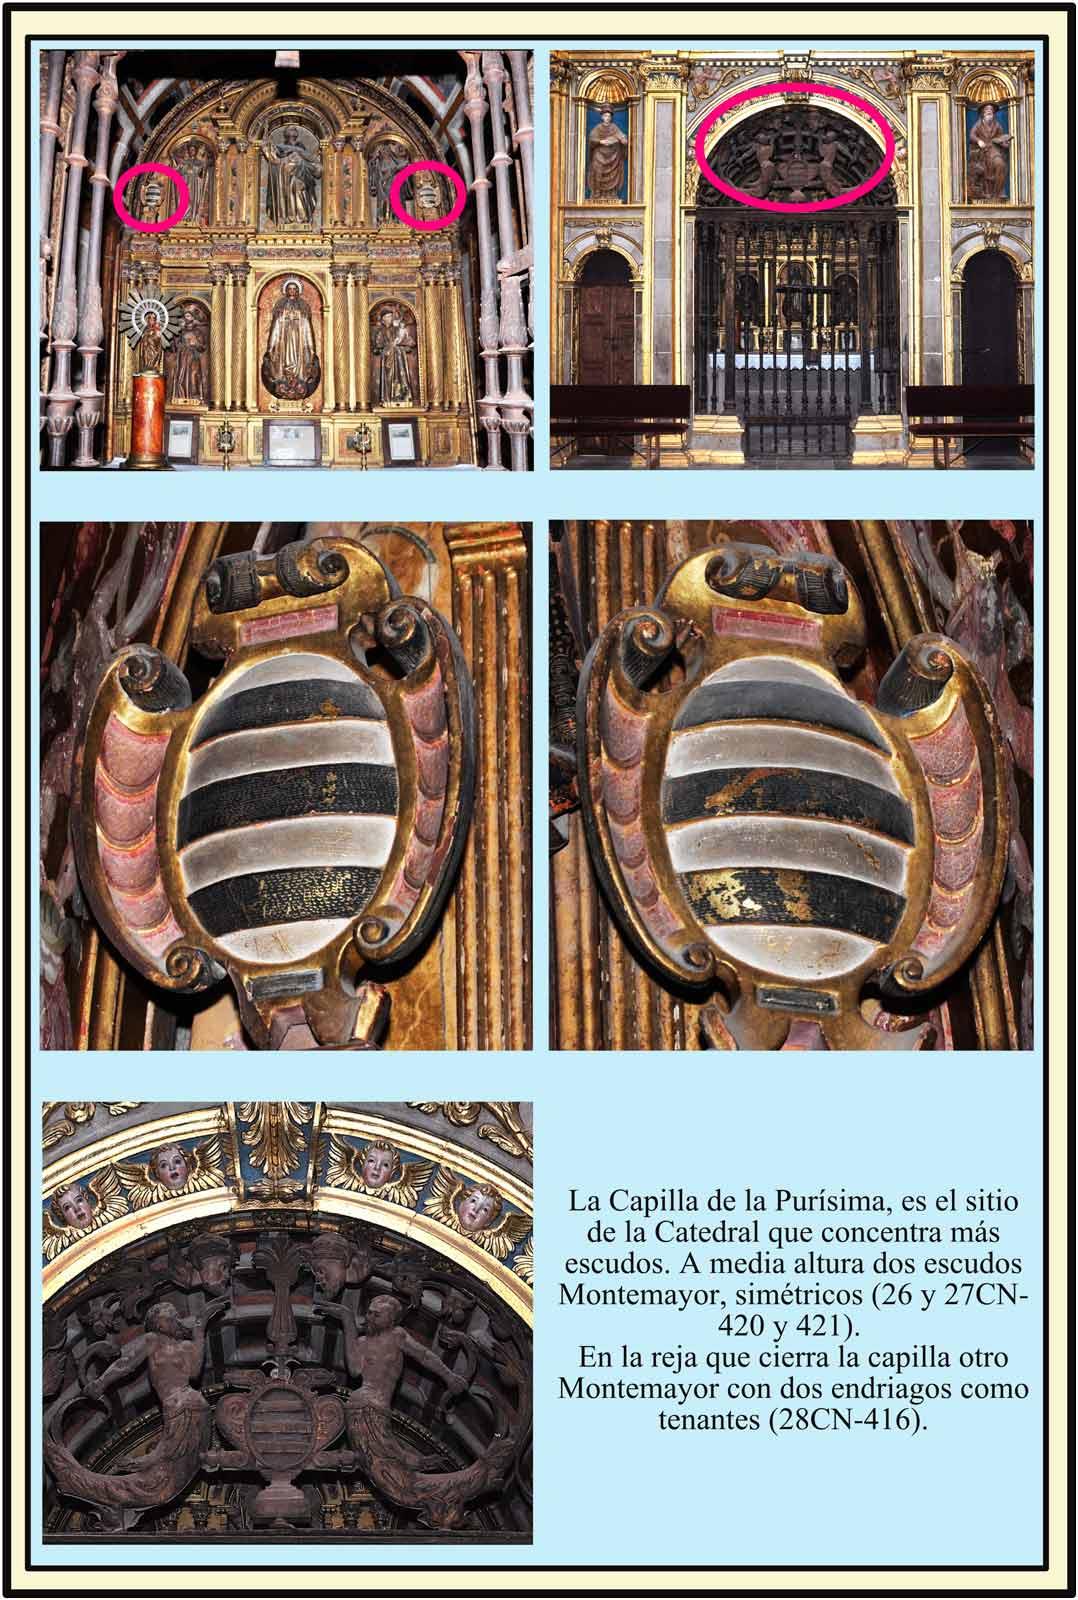 Capilla de la Purisima con escudo metalico de Montemayor en la reja, dos escudos de Montemayor en el altar.